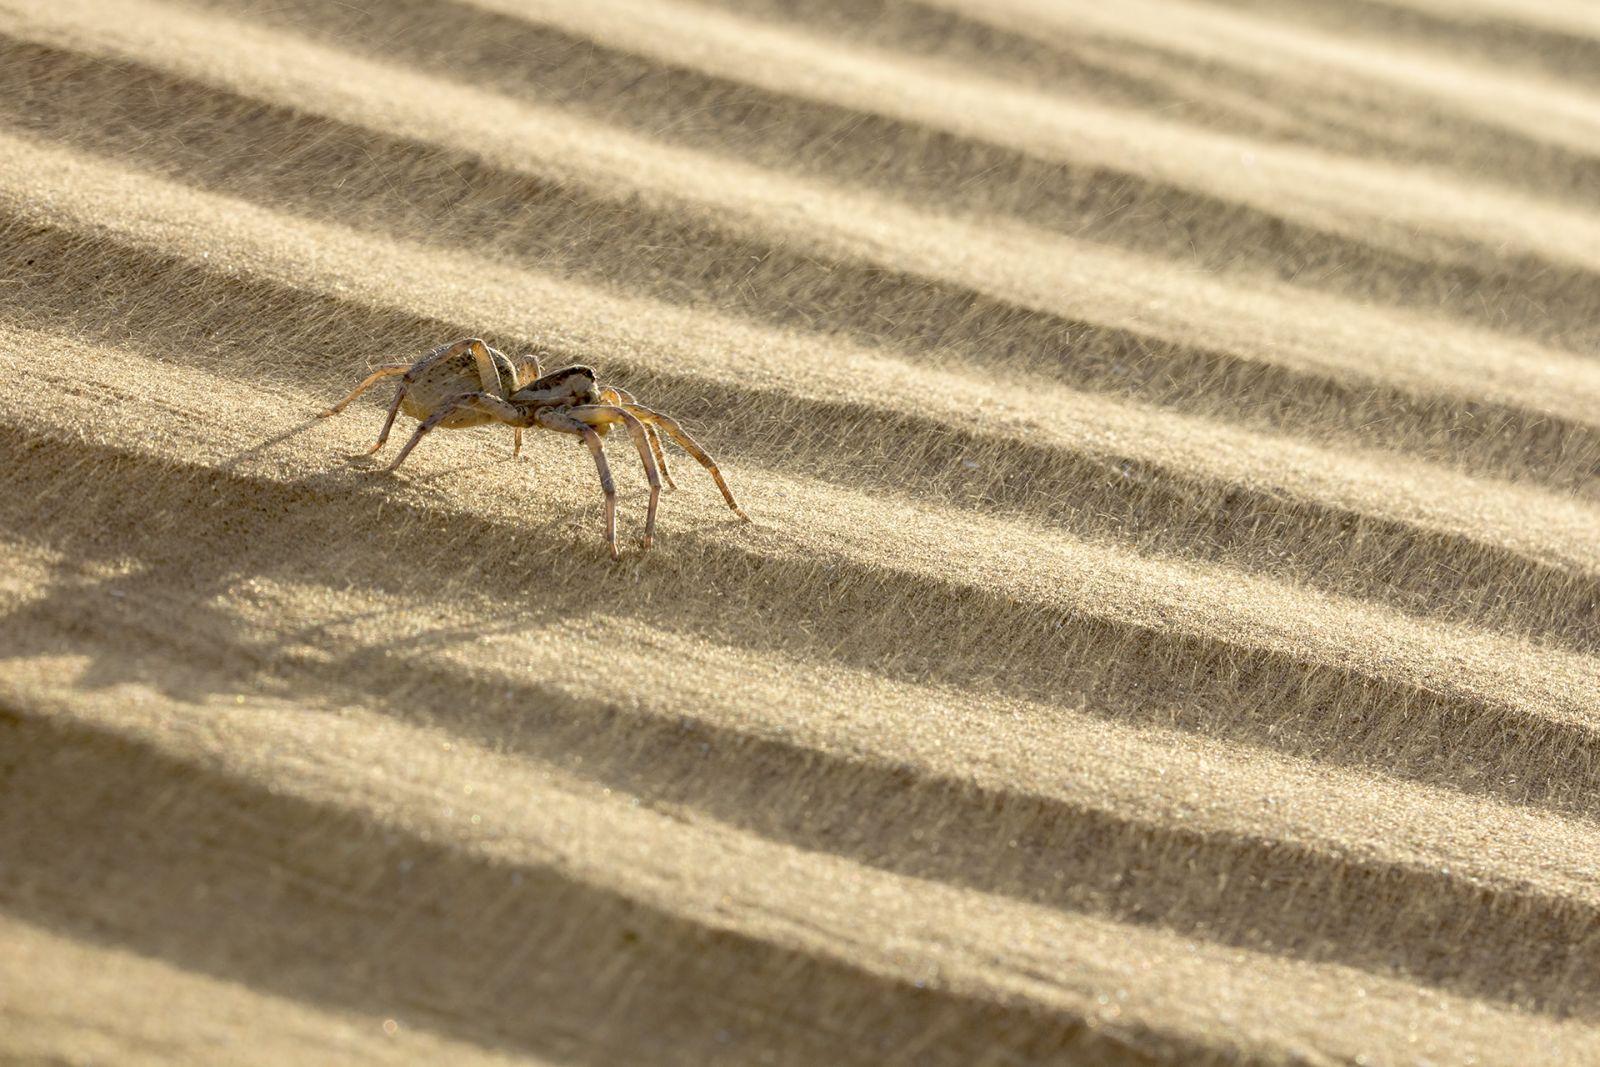 Долгая дорога в дюнах, © Станислав Шинкаренко, Финалист фотоконкурса «Самая красивая страна – 2018»